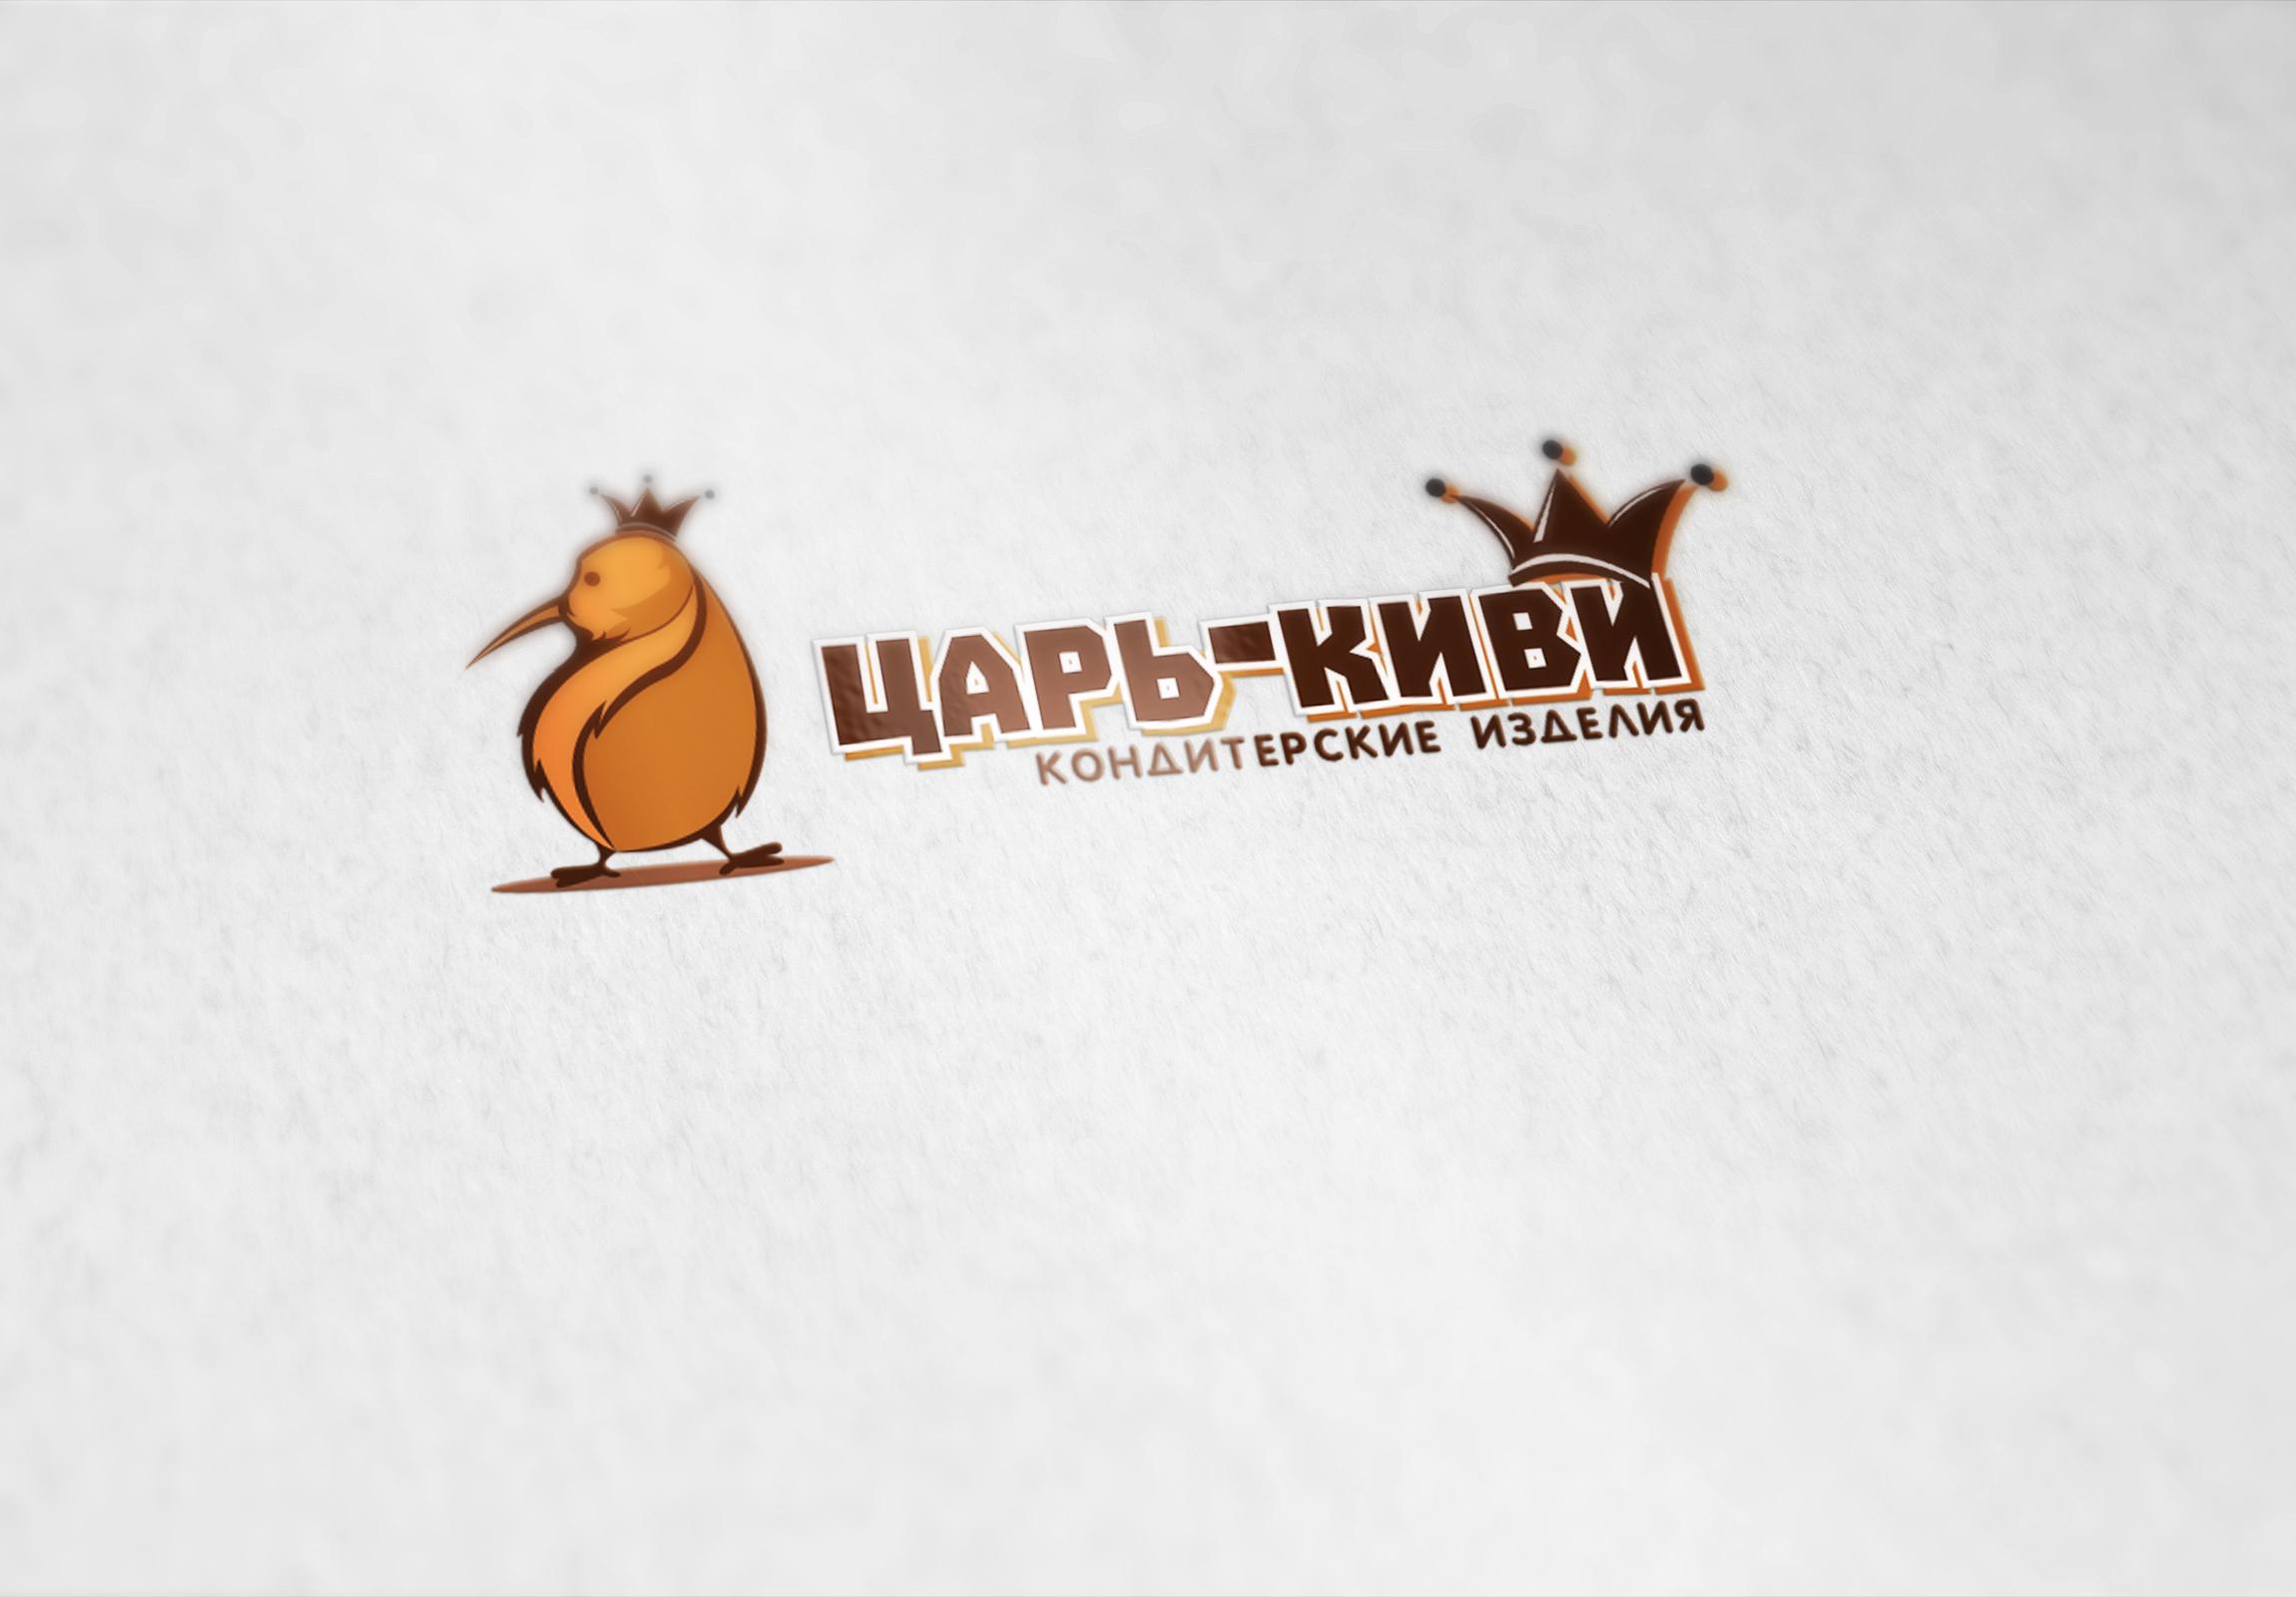 """Доработать дизайн логотипа кафе-кондитерской """"Царь-Киви"""" фото f_3885a07b4a8489a5.jpg"""